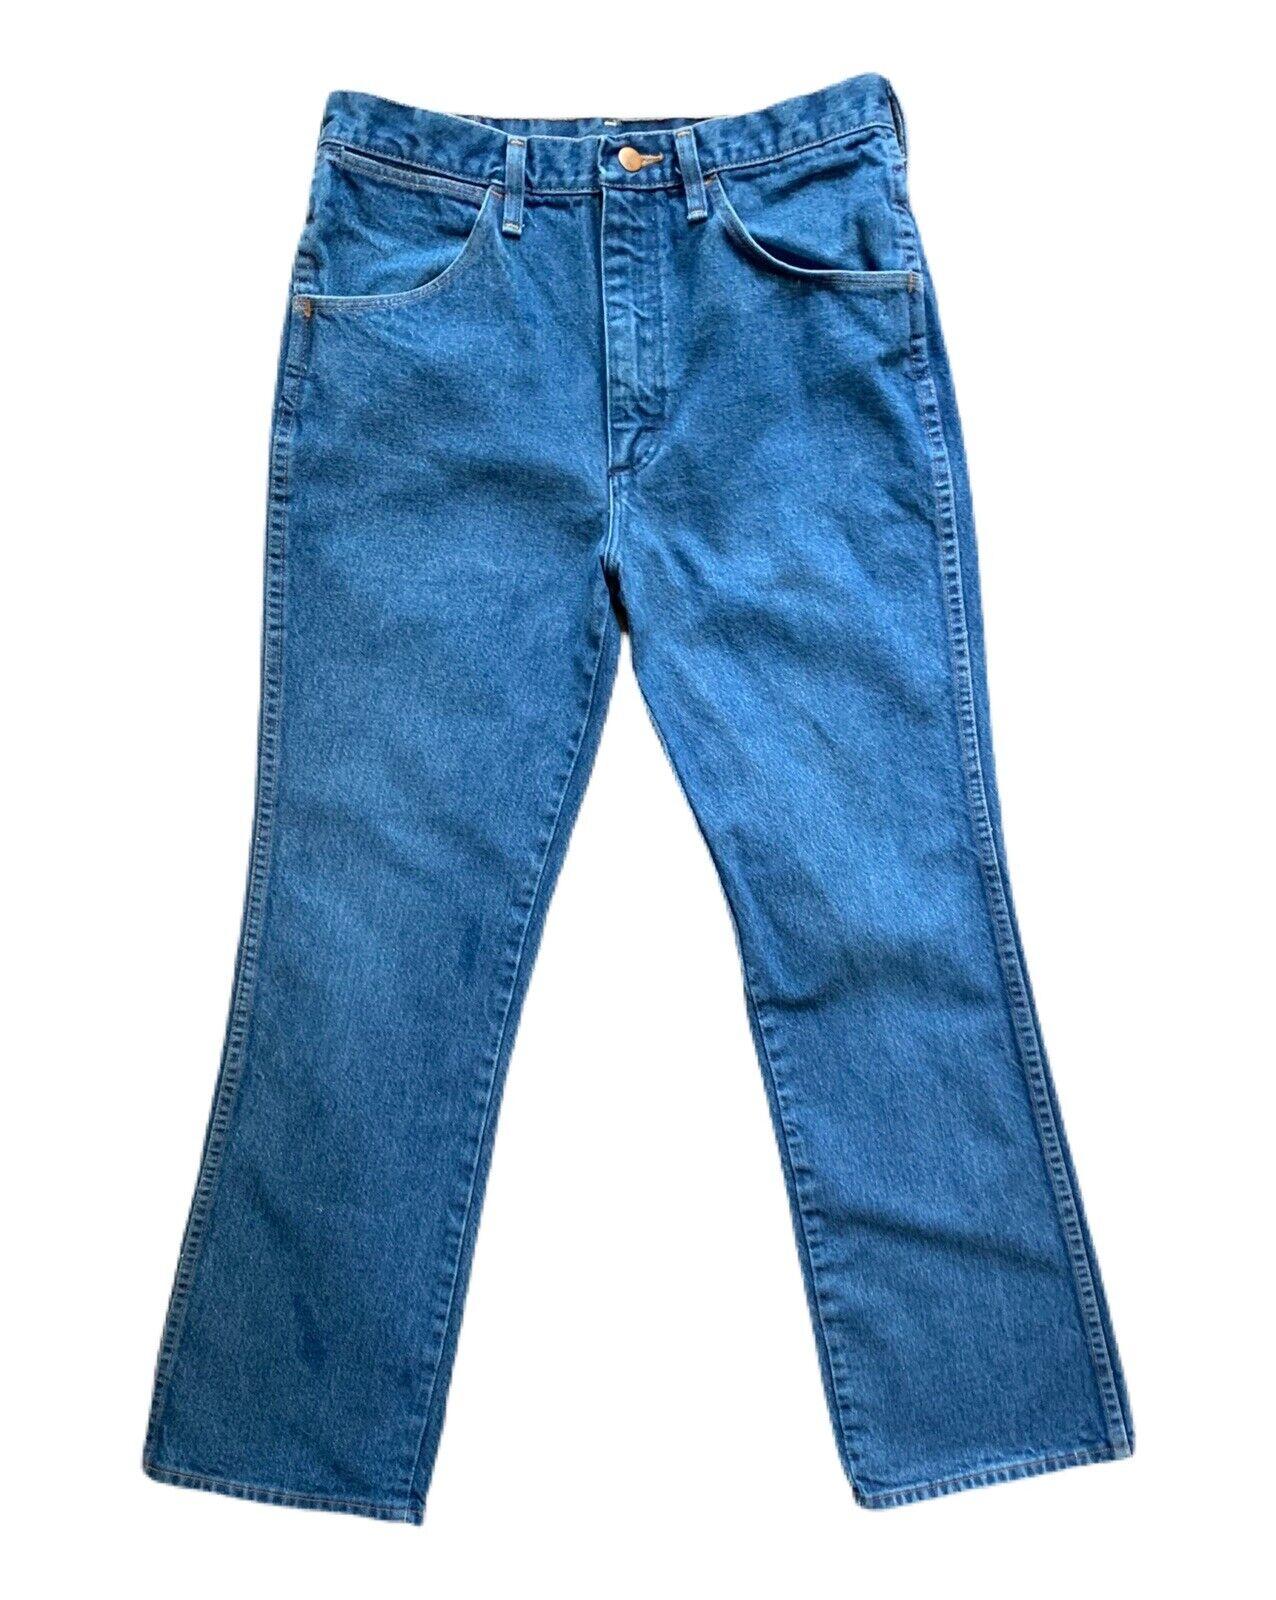 Wrangler Jeans Vintage Wrangler Jeans Wrangler Hi… - image 2